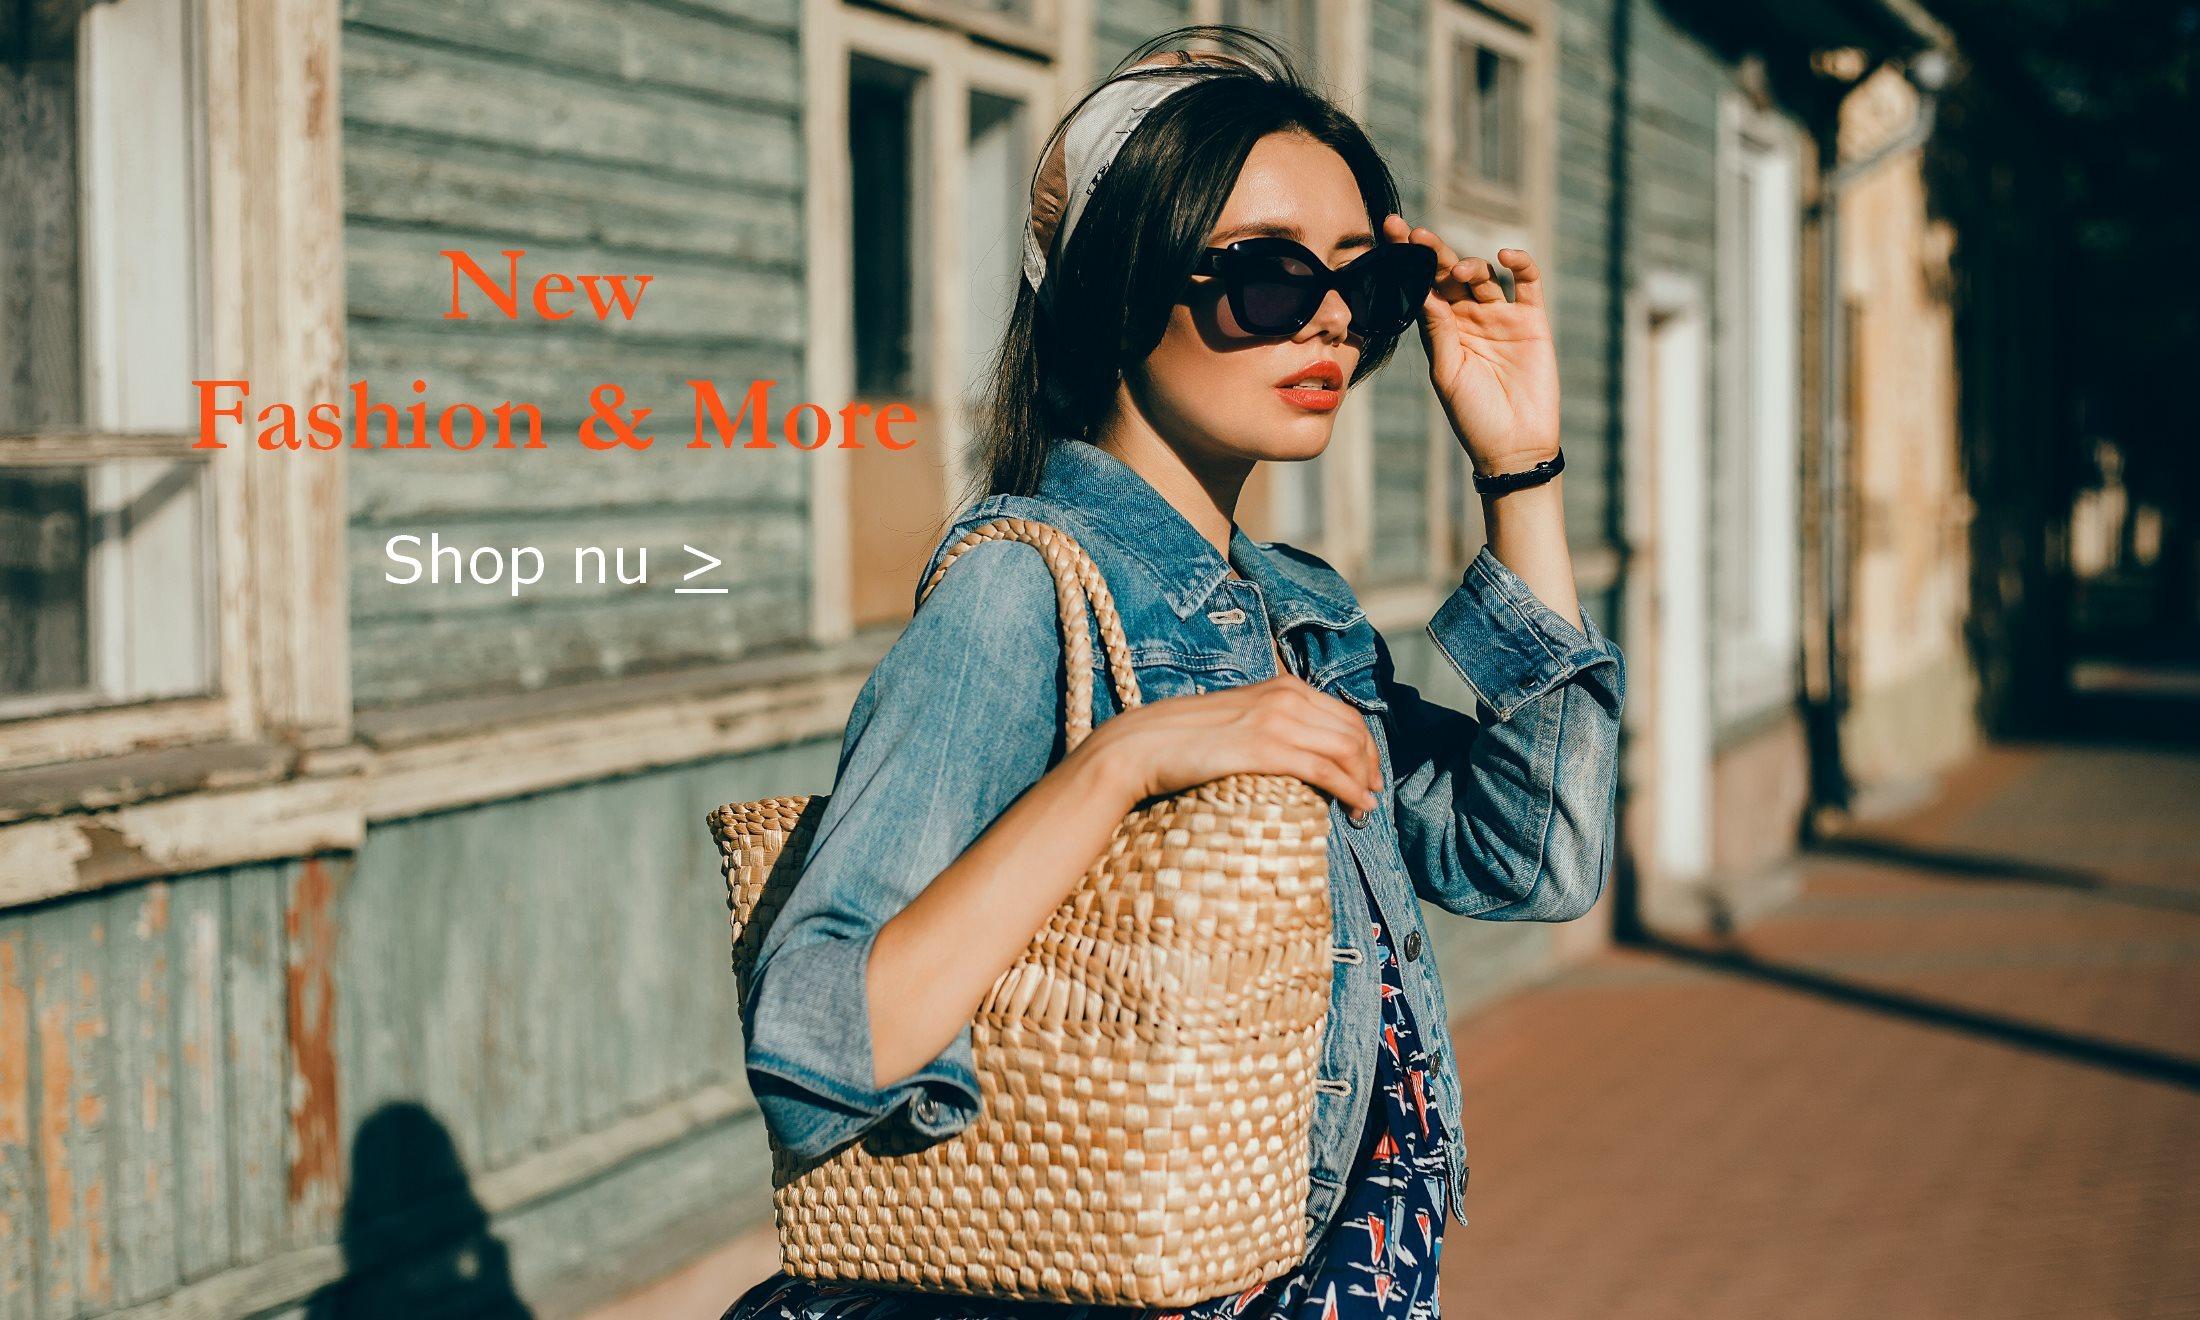 Nieuwe Leuke Trendy Kleding 2020 & Cosmetica